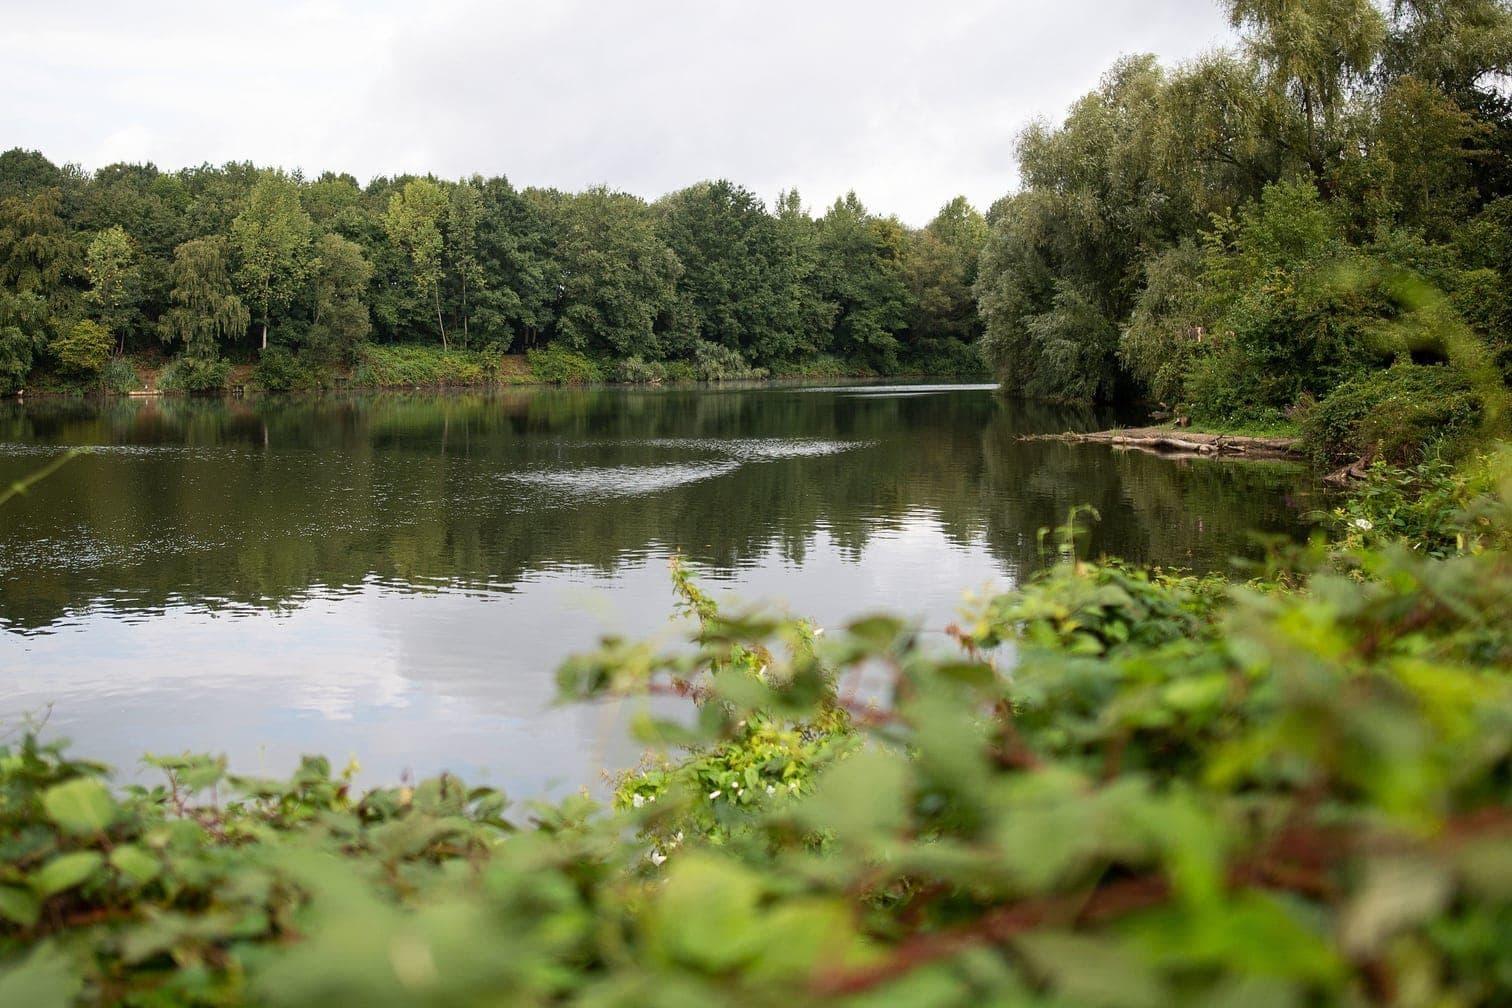 <p>Zuerst hatten Angler die Anakonda am Donnerstag im Latumer See gesehen und die Stadt alarmiert.&nbsp;</p> Foto: dpa